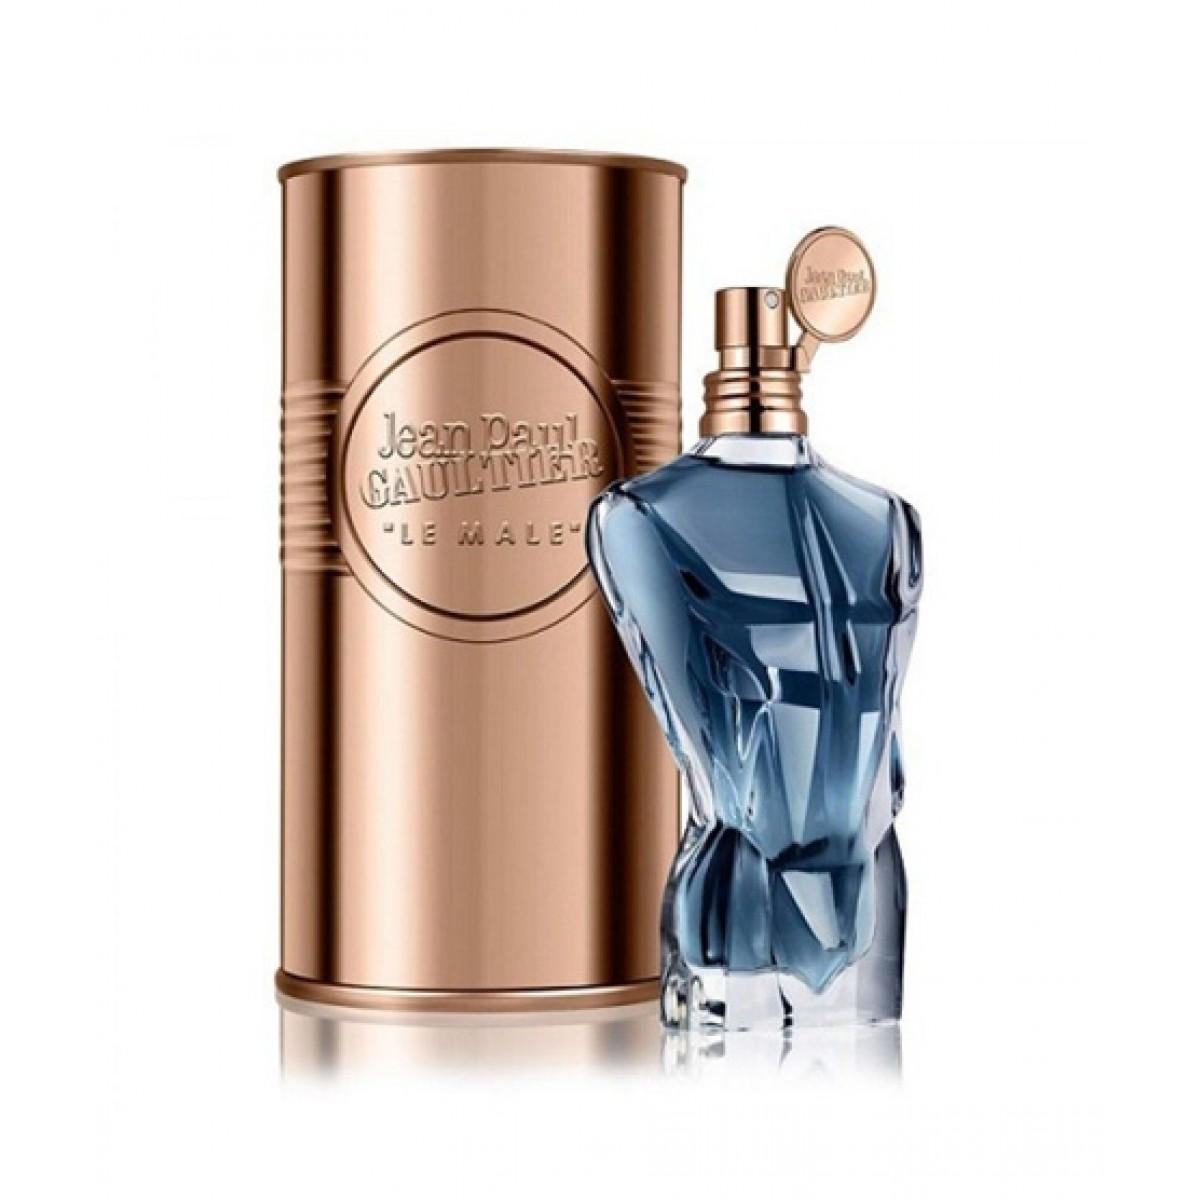 bd2a725eb Jean Paul Gaultier Essence Le Male Perfume For Men Price in Pakistan | Buy Jean  Paul Gaultier EDP Perfume For Men 125ML | iShopping.pk